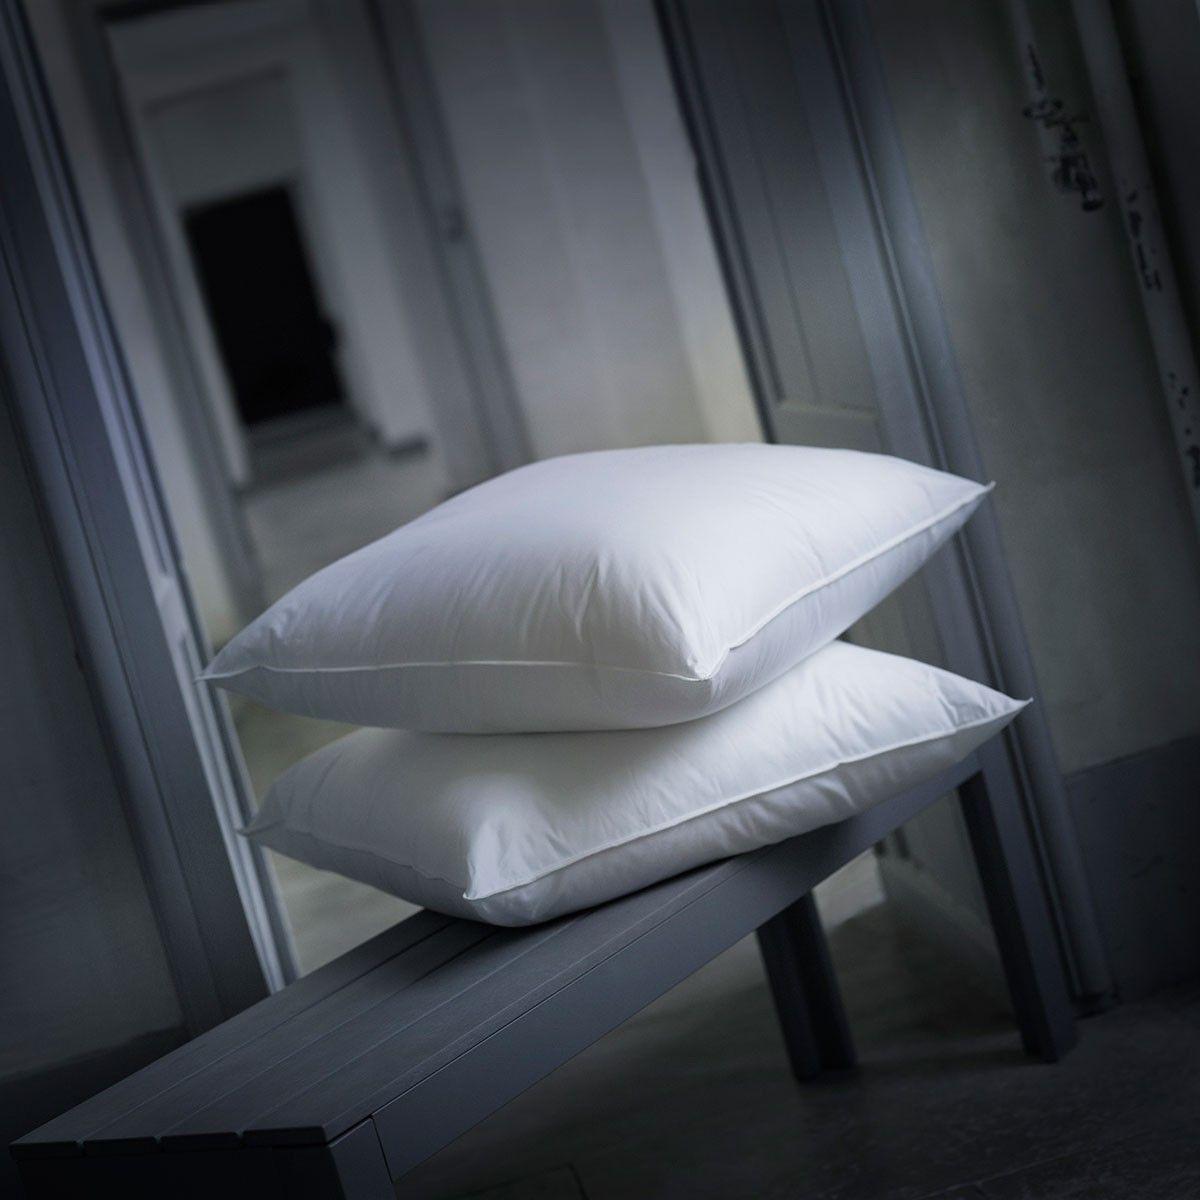 oreiller dumas Oreiller moelleux Alliance avec garnissage en microfibre | Dumas  oreiller dumas